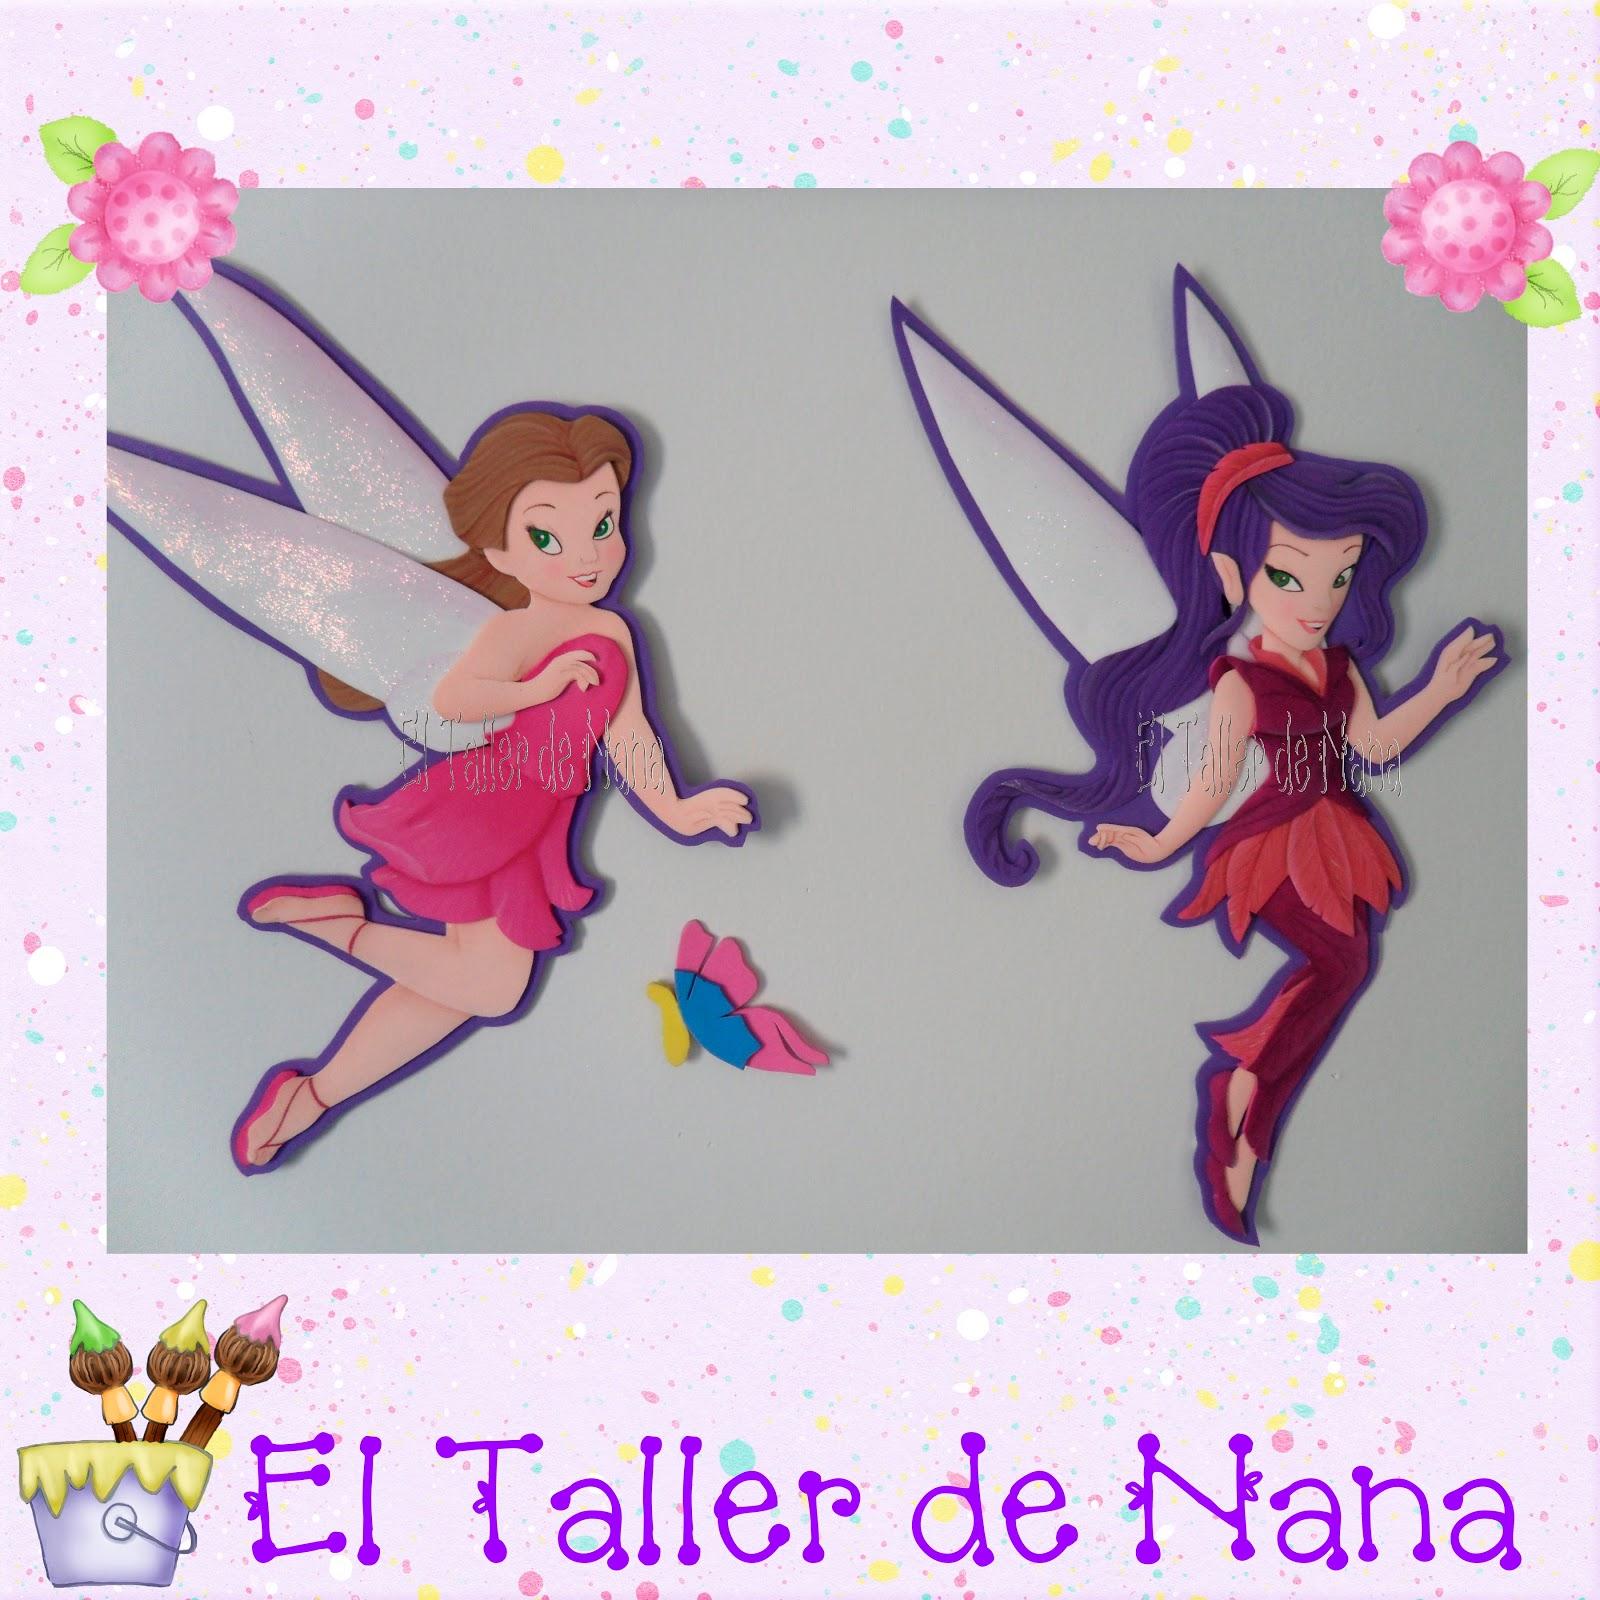 El Taller de Nana: Hadas de Disney